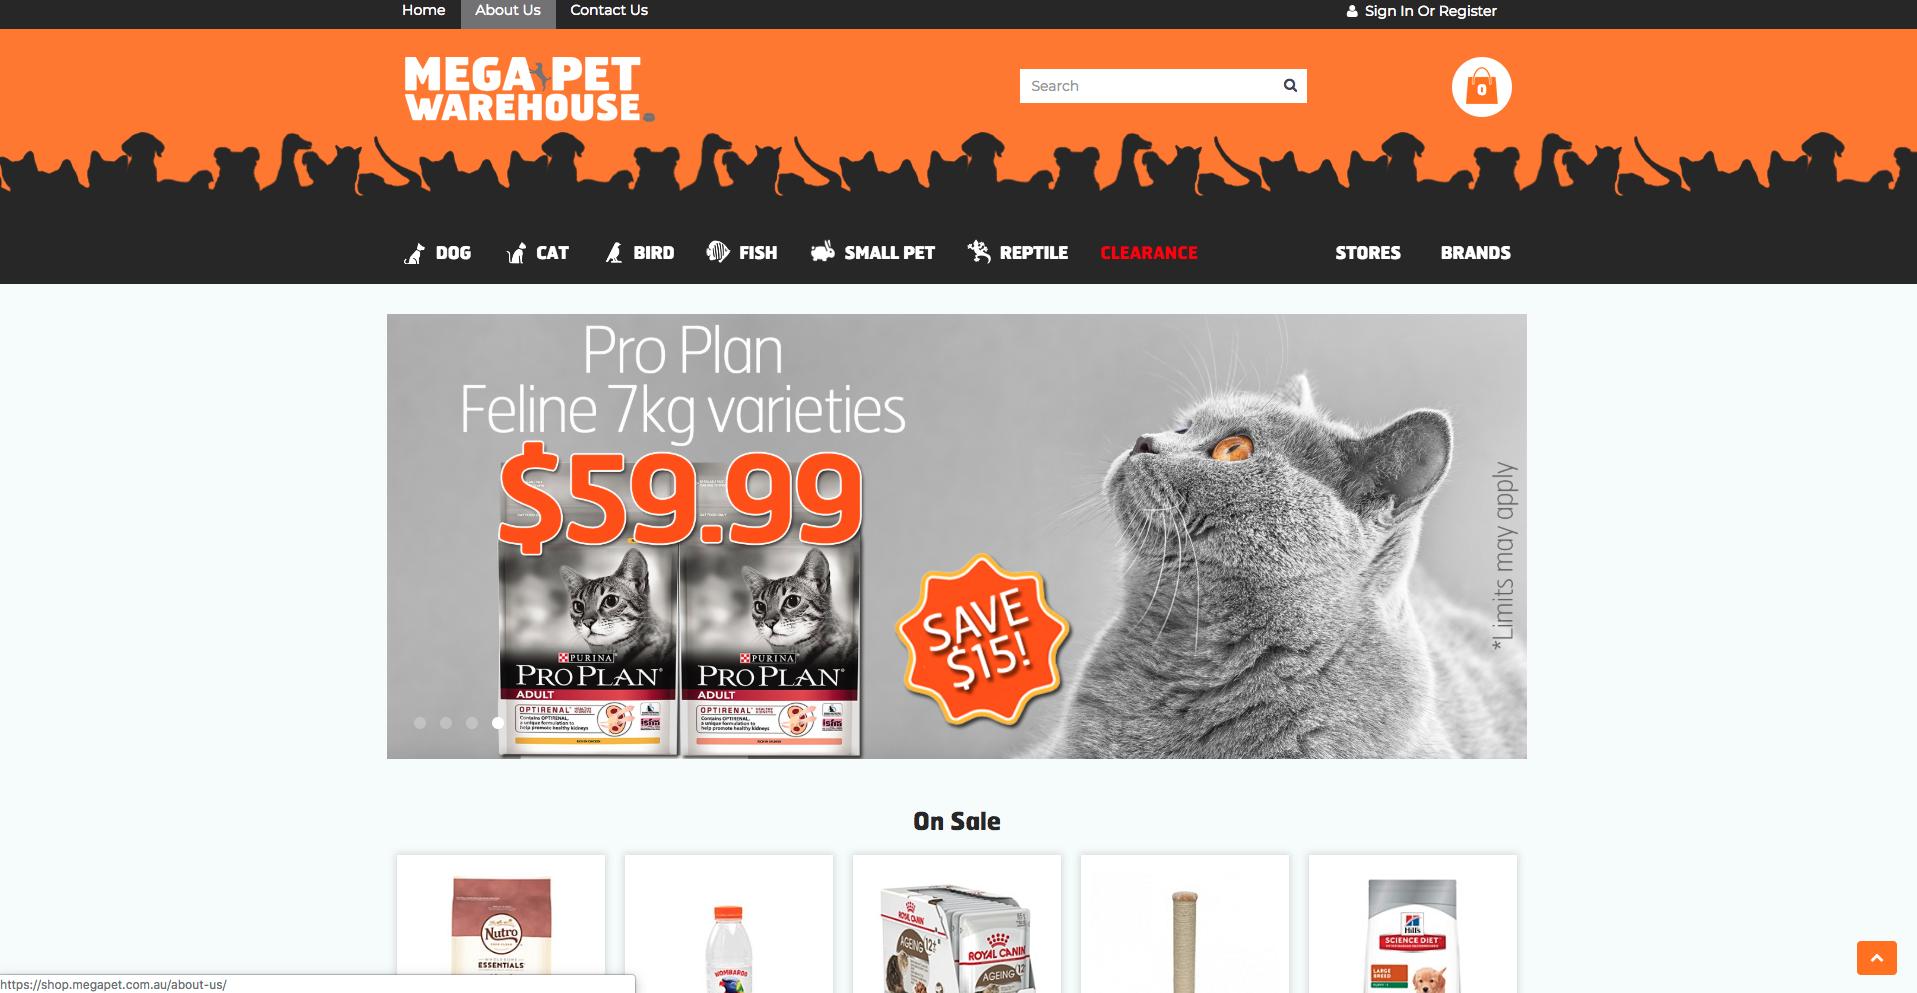 Mega Pet Warehouse